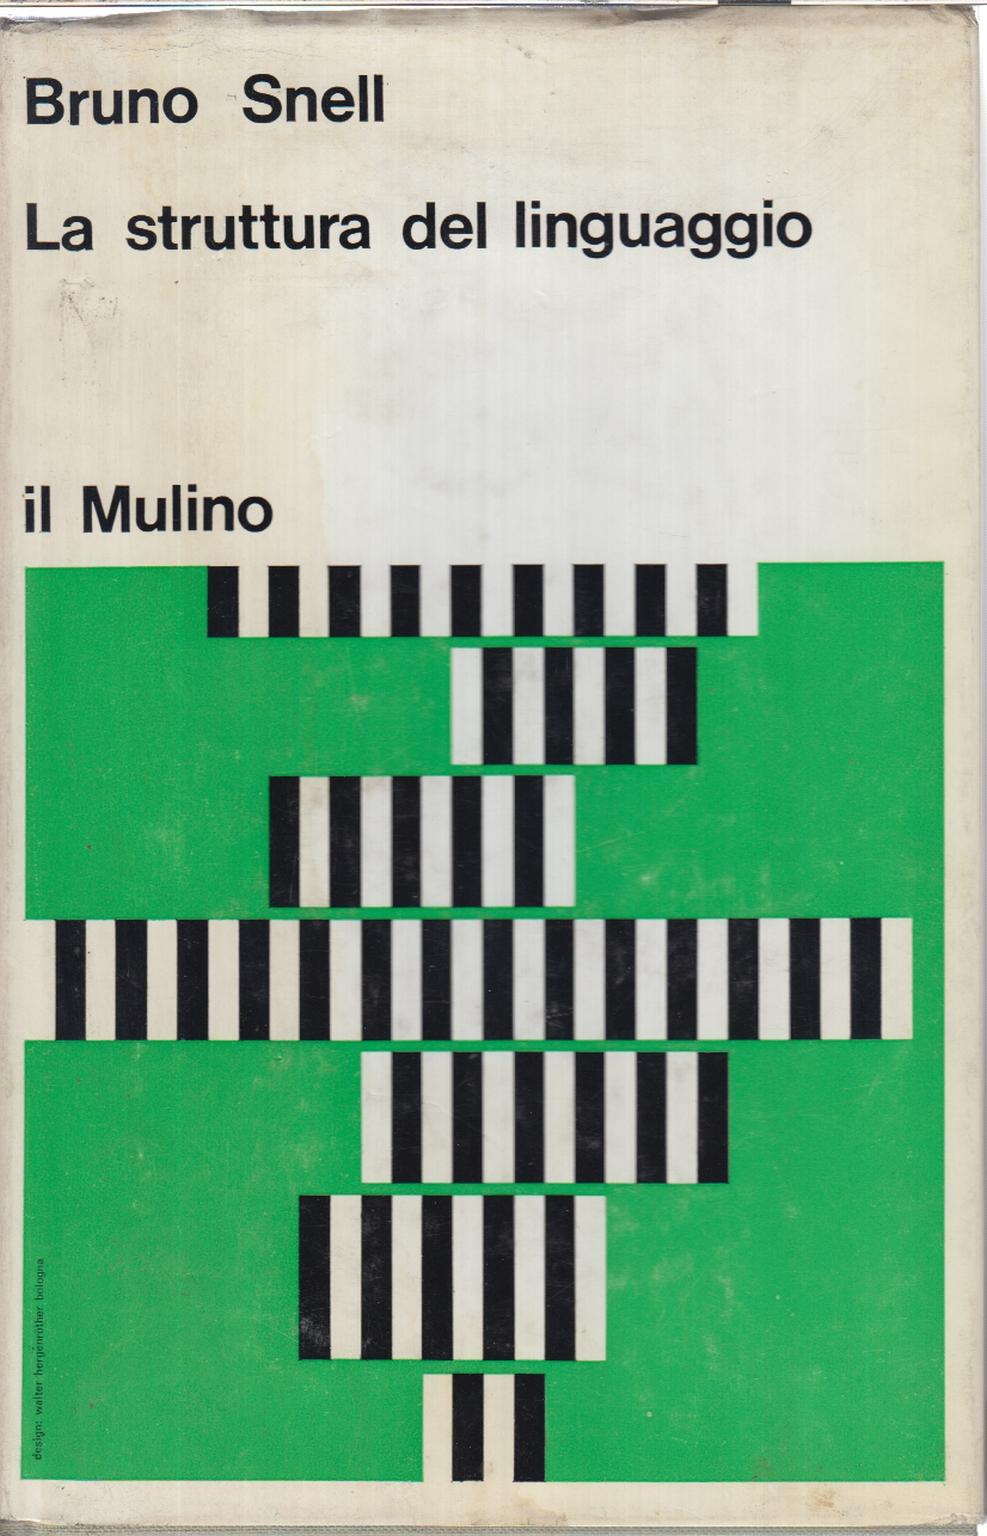 La struttura del linguaggio bruno snell linguistica for Struttura politica italiana